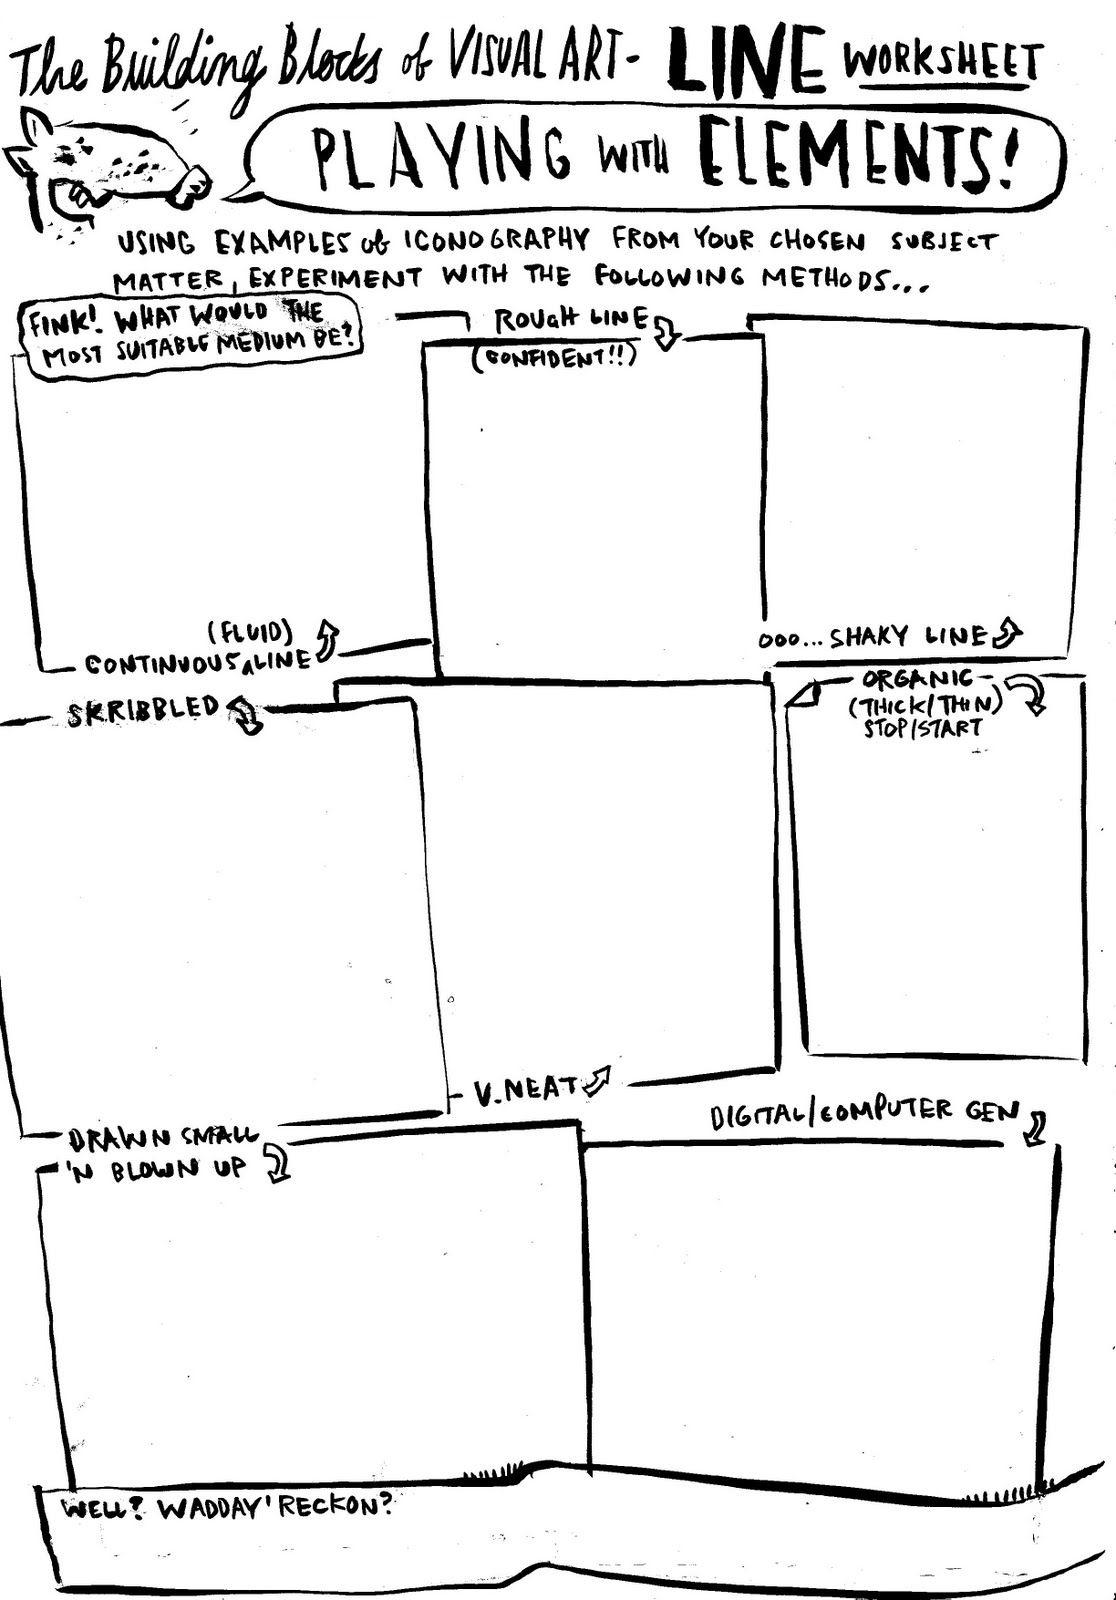 Worksheets Elements Of Art Worksheets dan haycocks blog unbatondecolle lookowwwwwt worksheet avalanche art worksheetsart elements2d